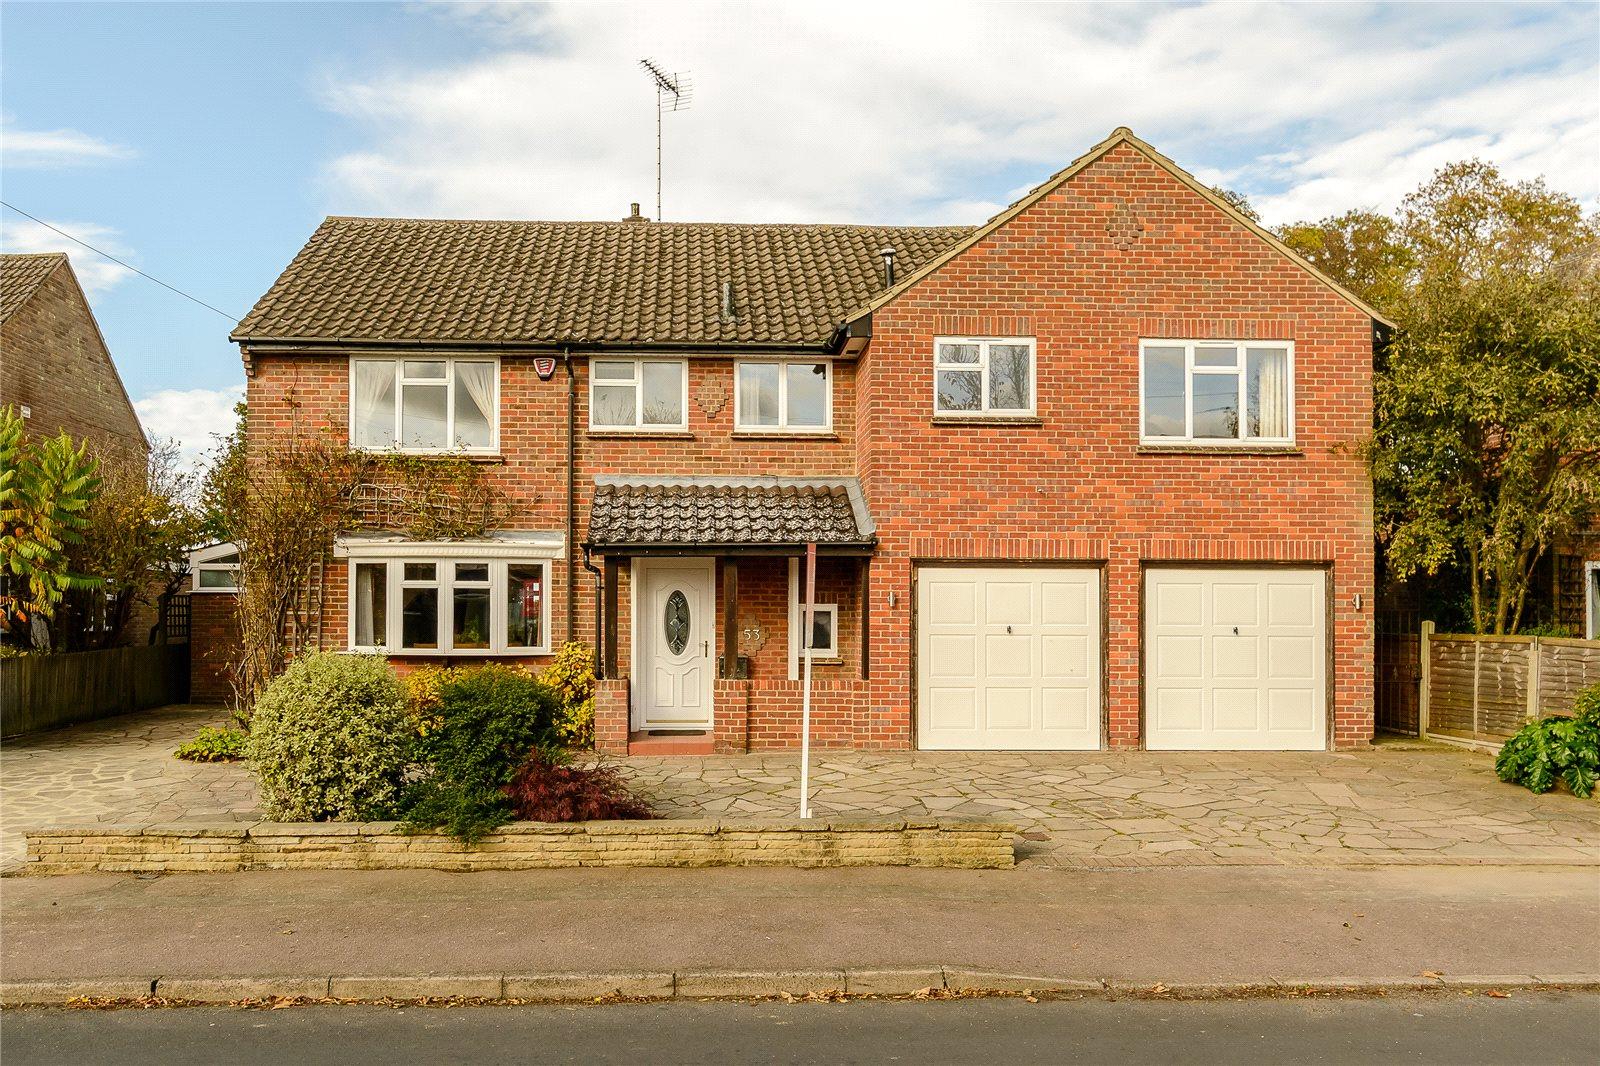 Einfamilienhaus für Verkauf beim Bloomfield Road, Harpenden, Hertfordshire, AL5 Harpenden, England